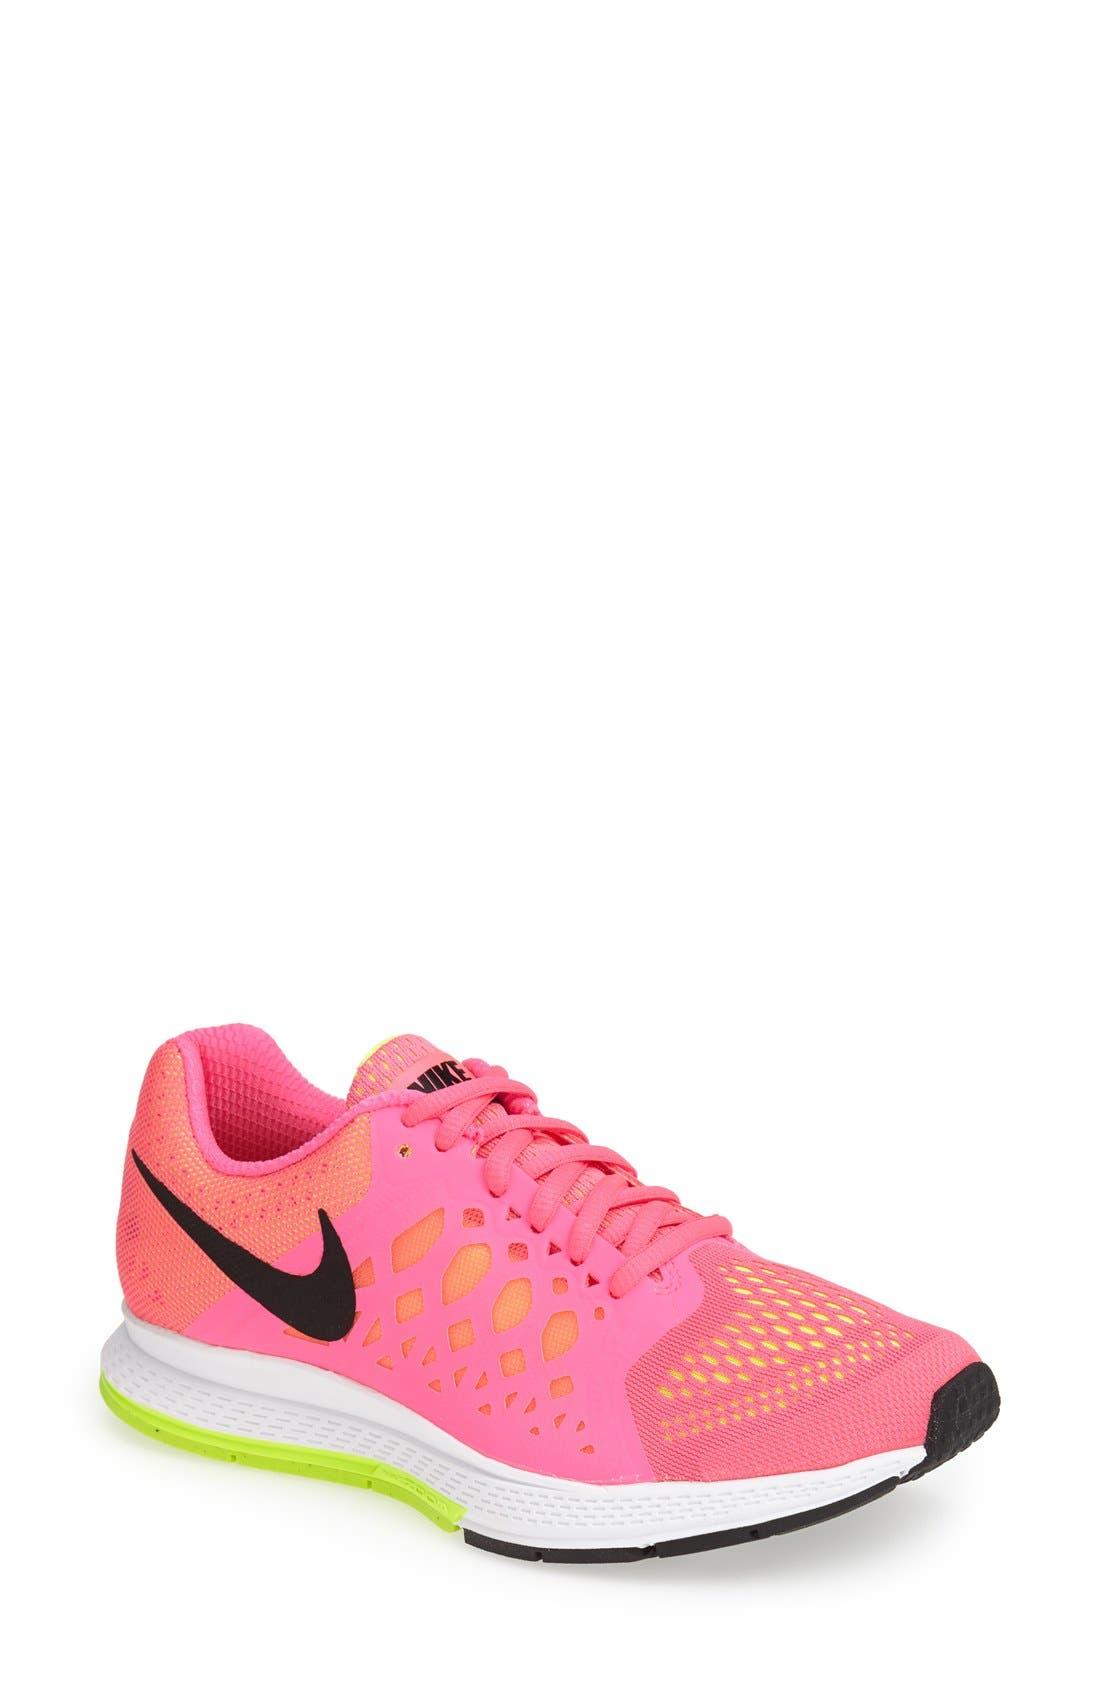 Main Image - Nike 'Air Pegasus 31' Running Shoe (Women)